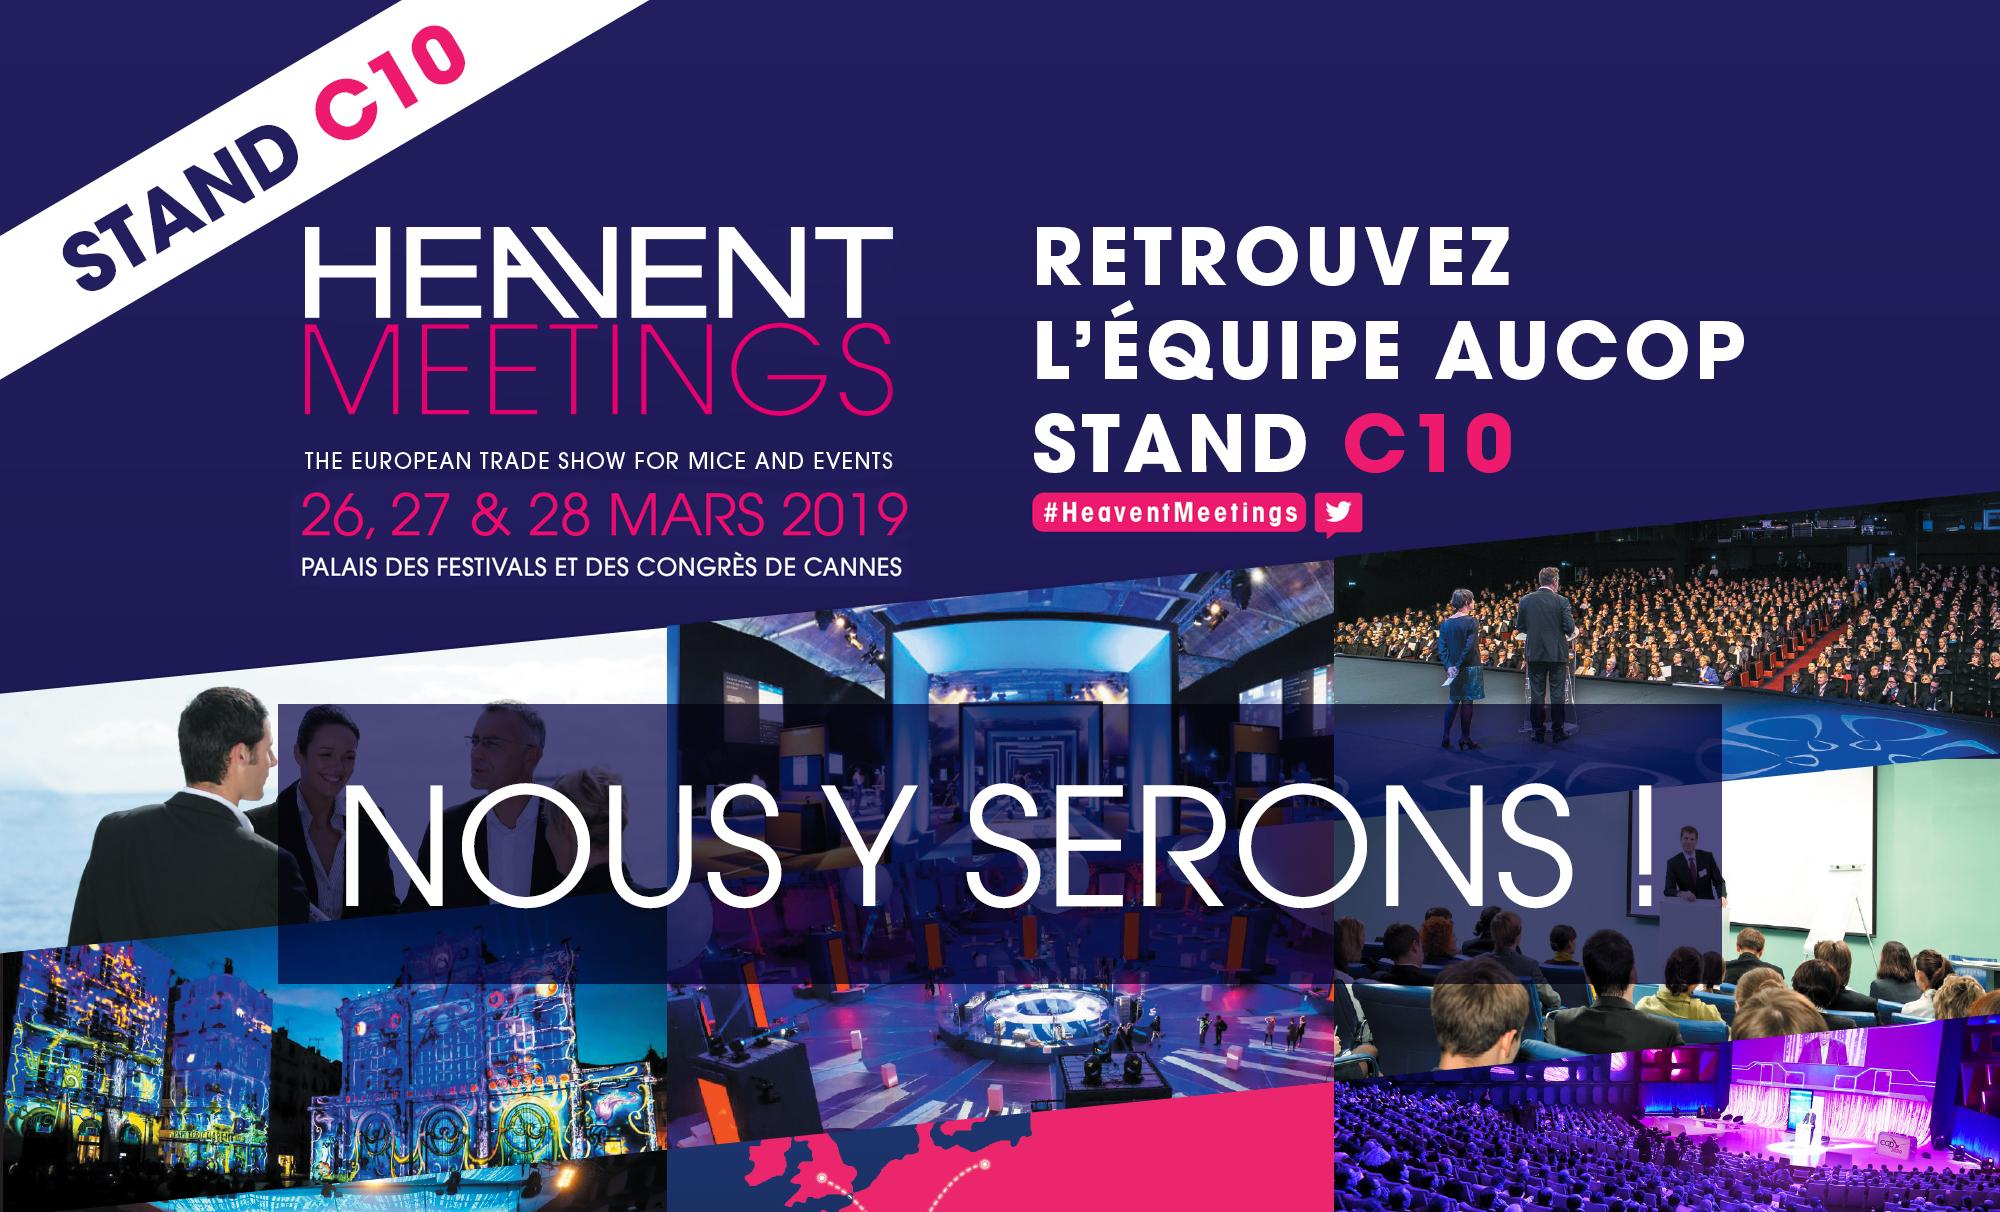 Heavent Meetings-aucop-reseaux sociaux-heavent meetings cannes 2019-salon